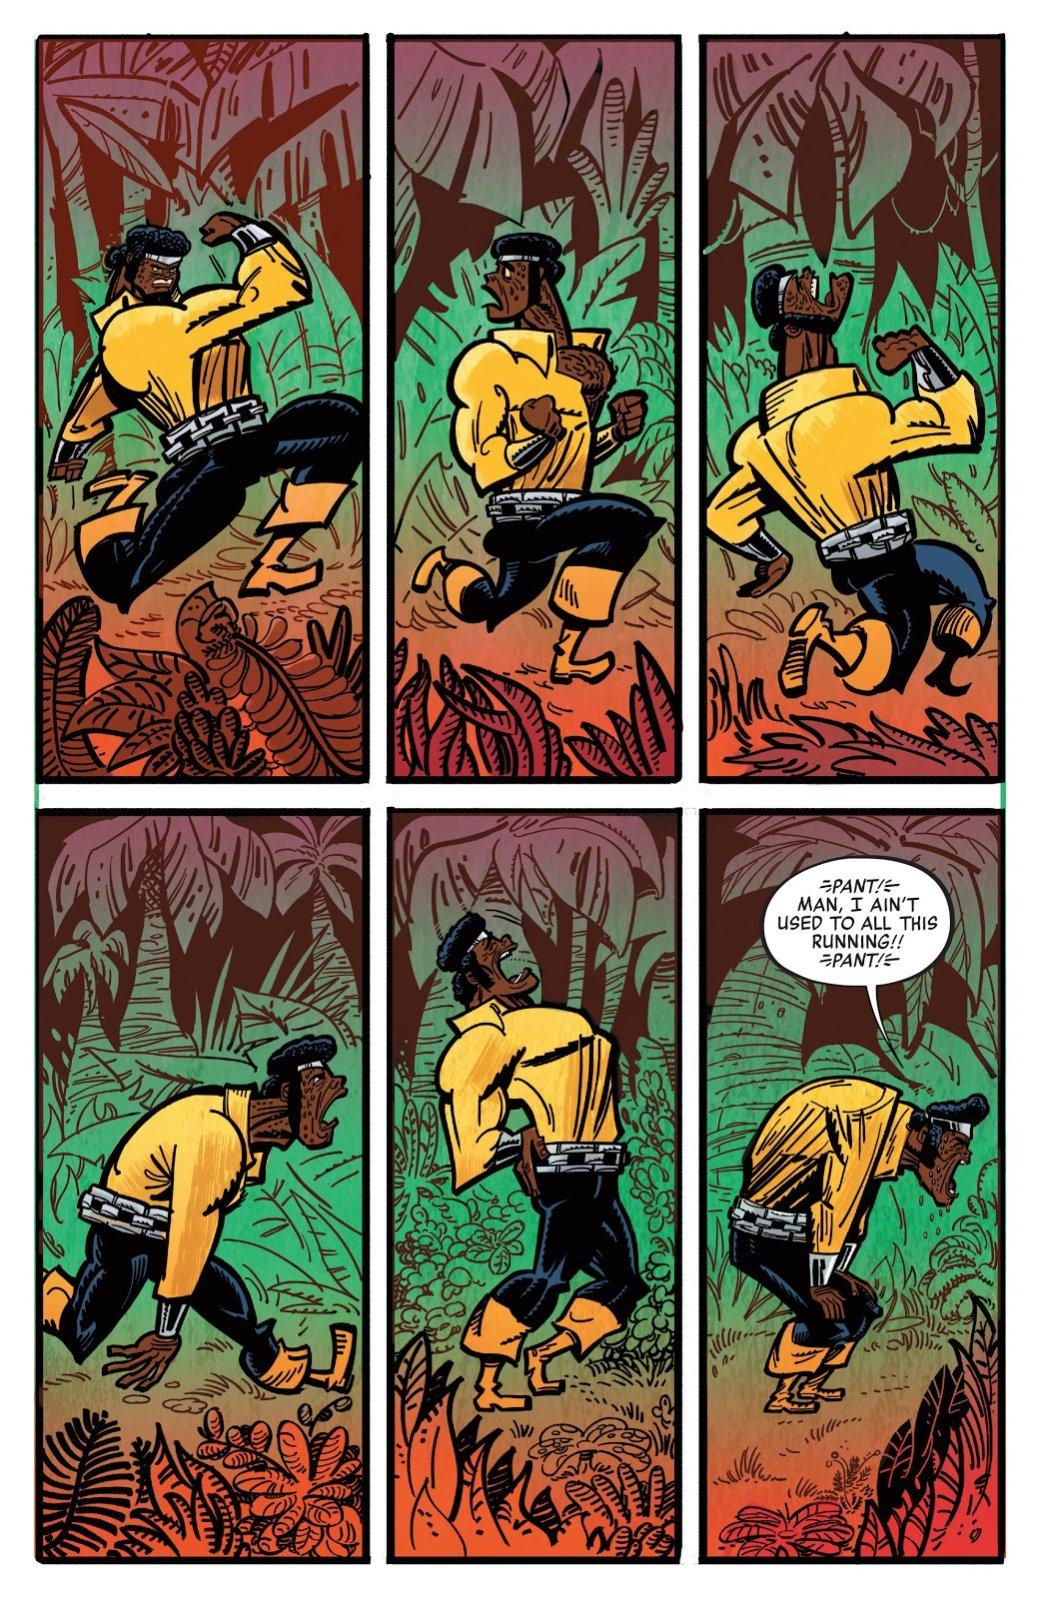 Крутые комиксы про чернокожих супергероев | Канобу - Изображение 2